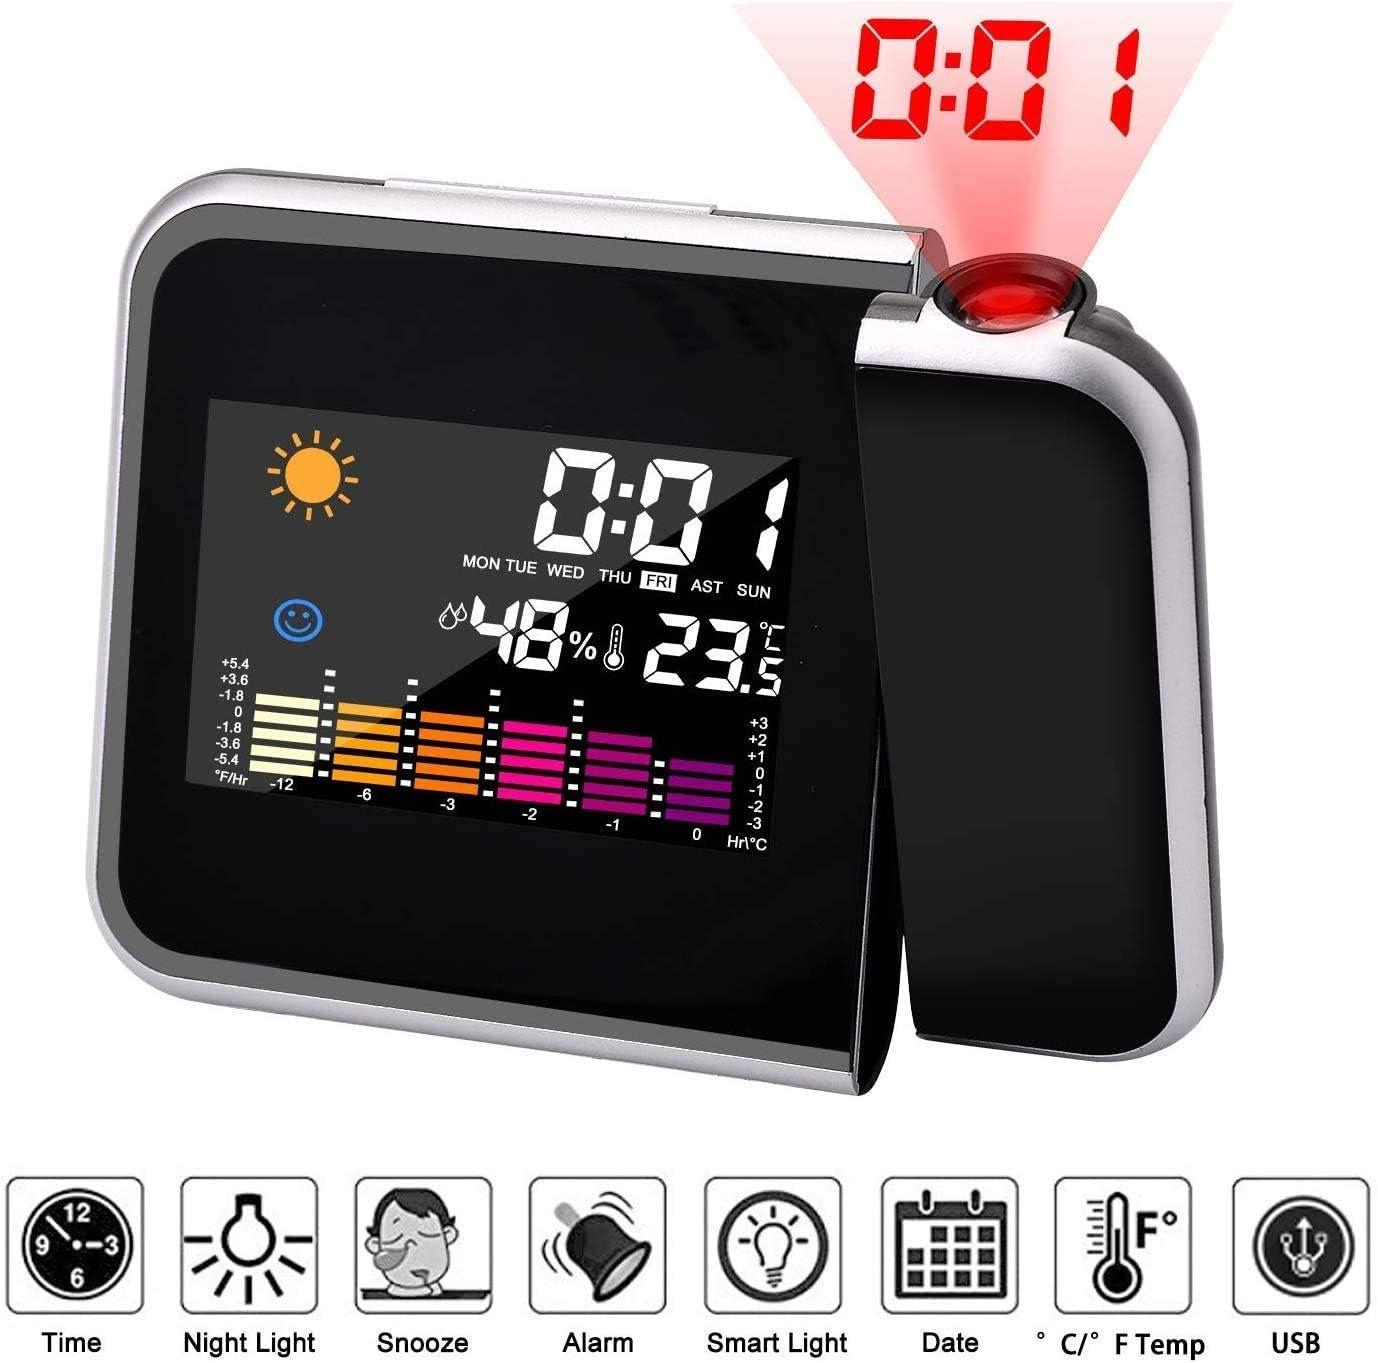 Mmester Reloj de proyección Digital,LED Alarma, Reloj Modern Reloj Despertador Colourful Pantalla LCD Estación USB Meteorológica Termómetro Higrómetro Funciones de Repetición